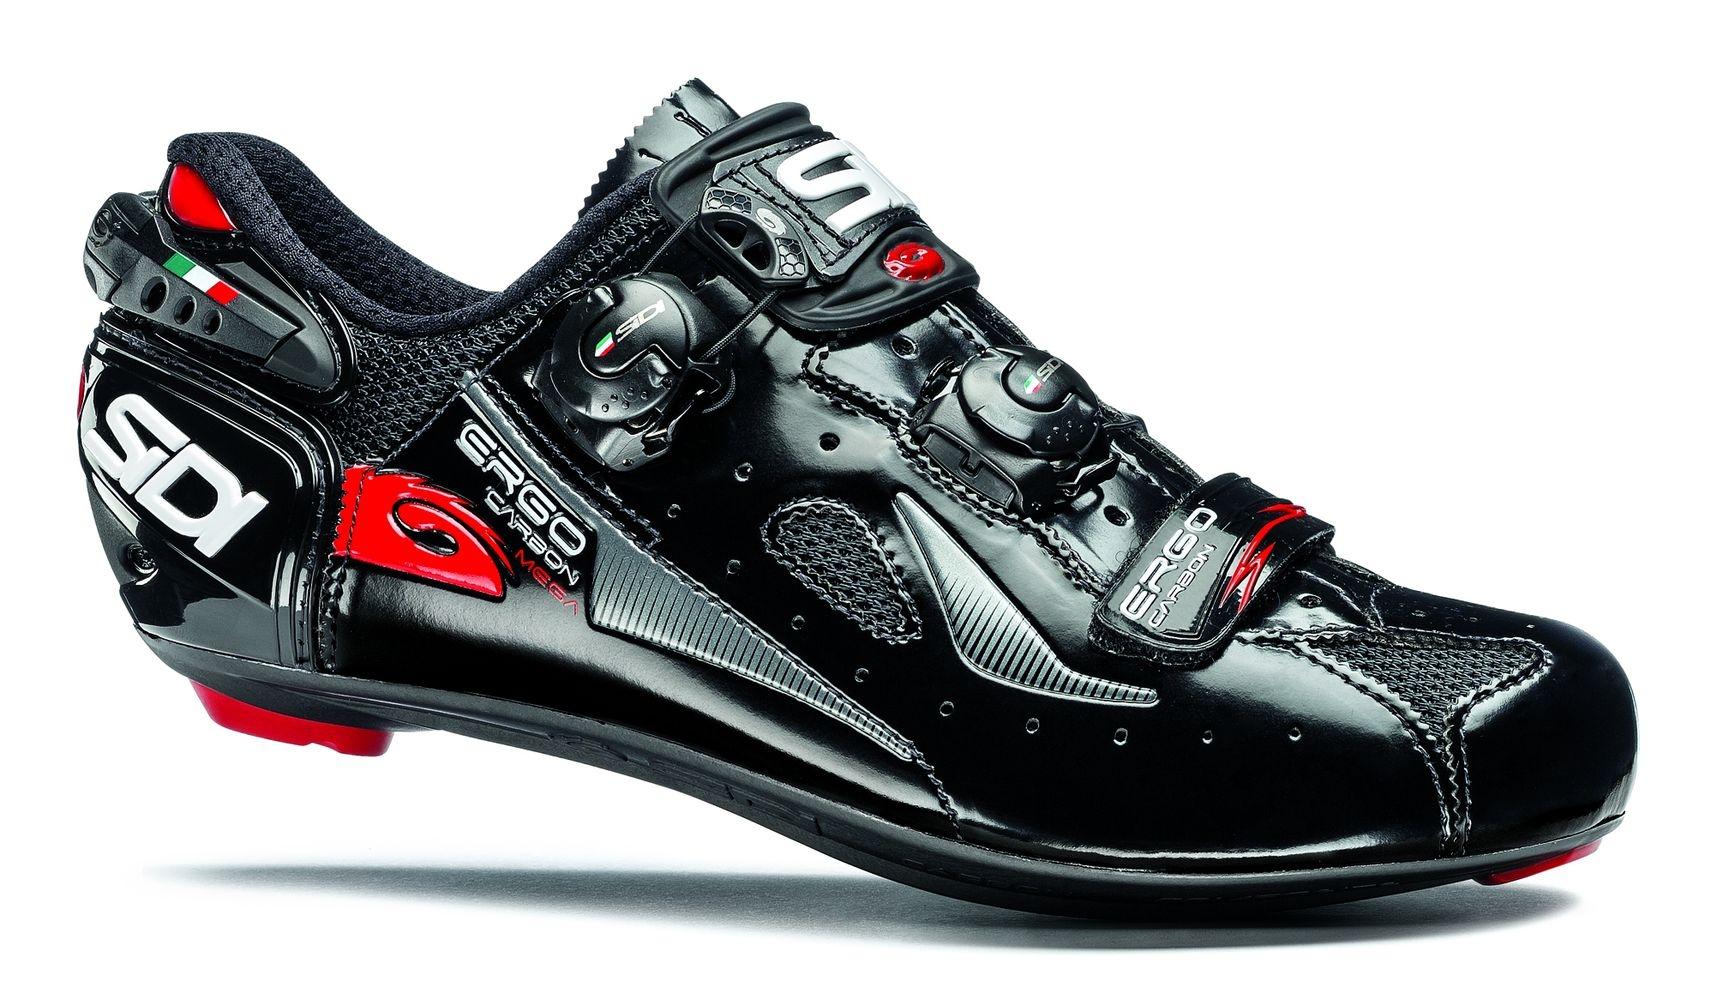 Chaussures Sidi ERGO 4 Mega Carbon Composite Noir - 43